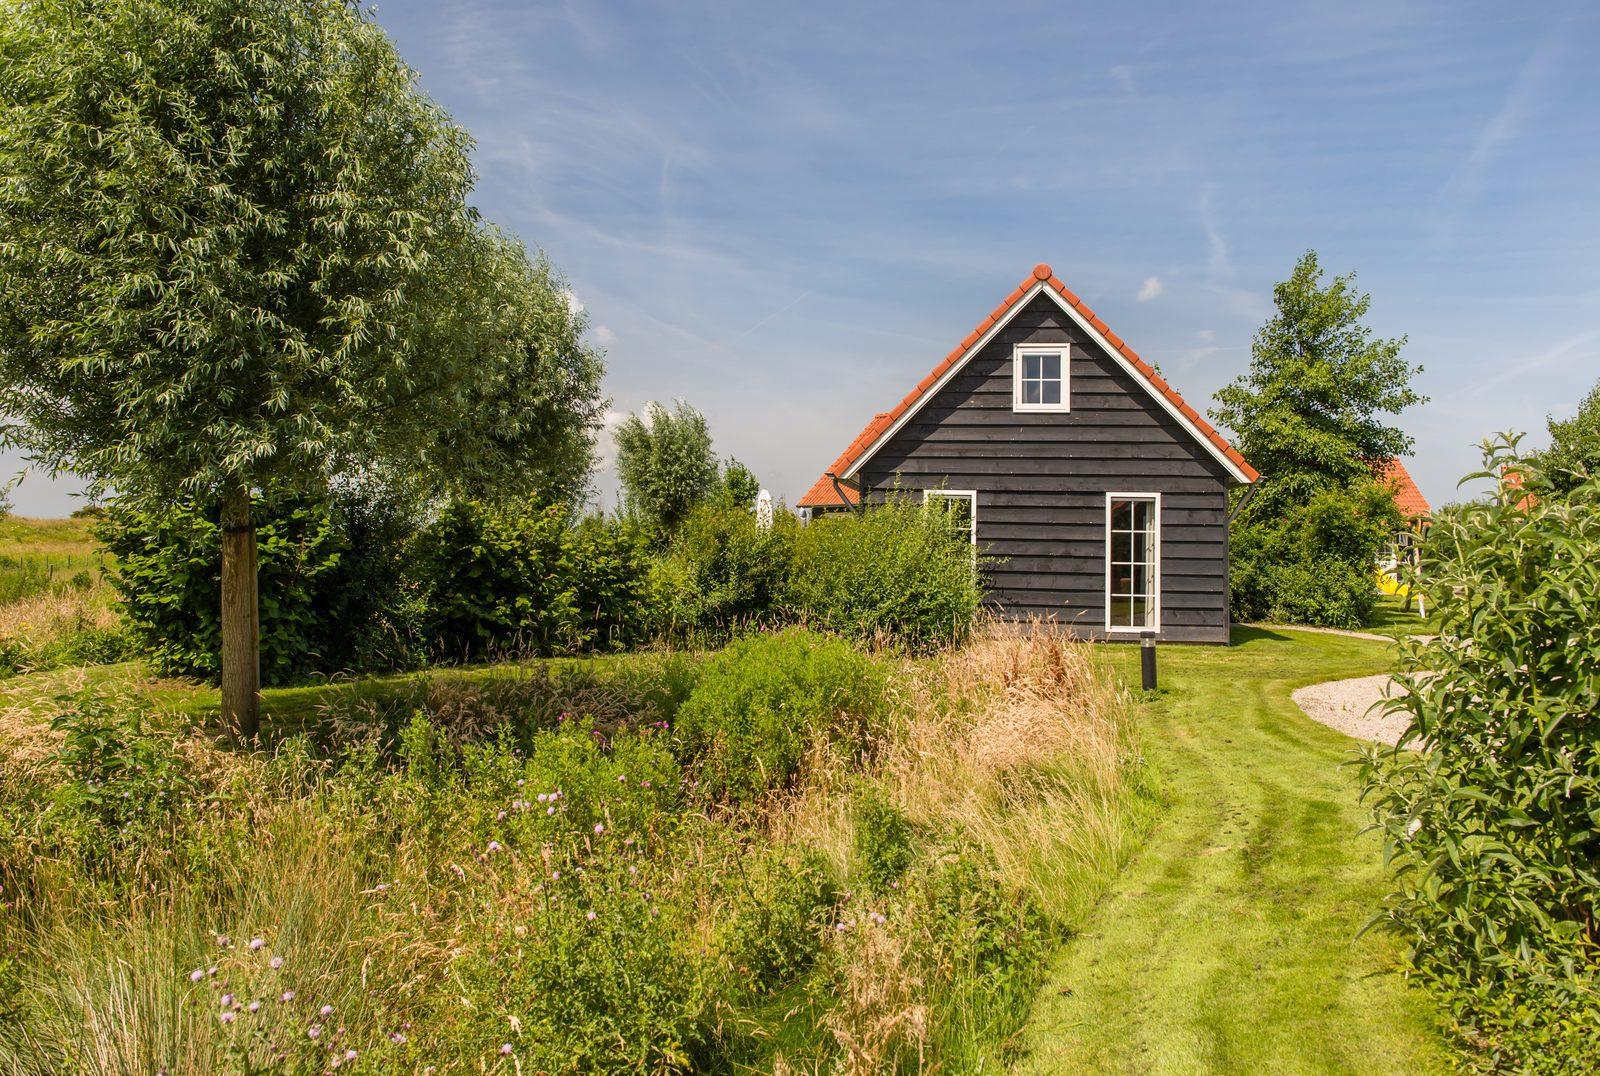 Goedkope vakantiehuisjes in Zeeland